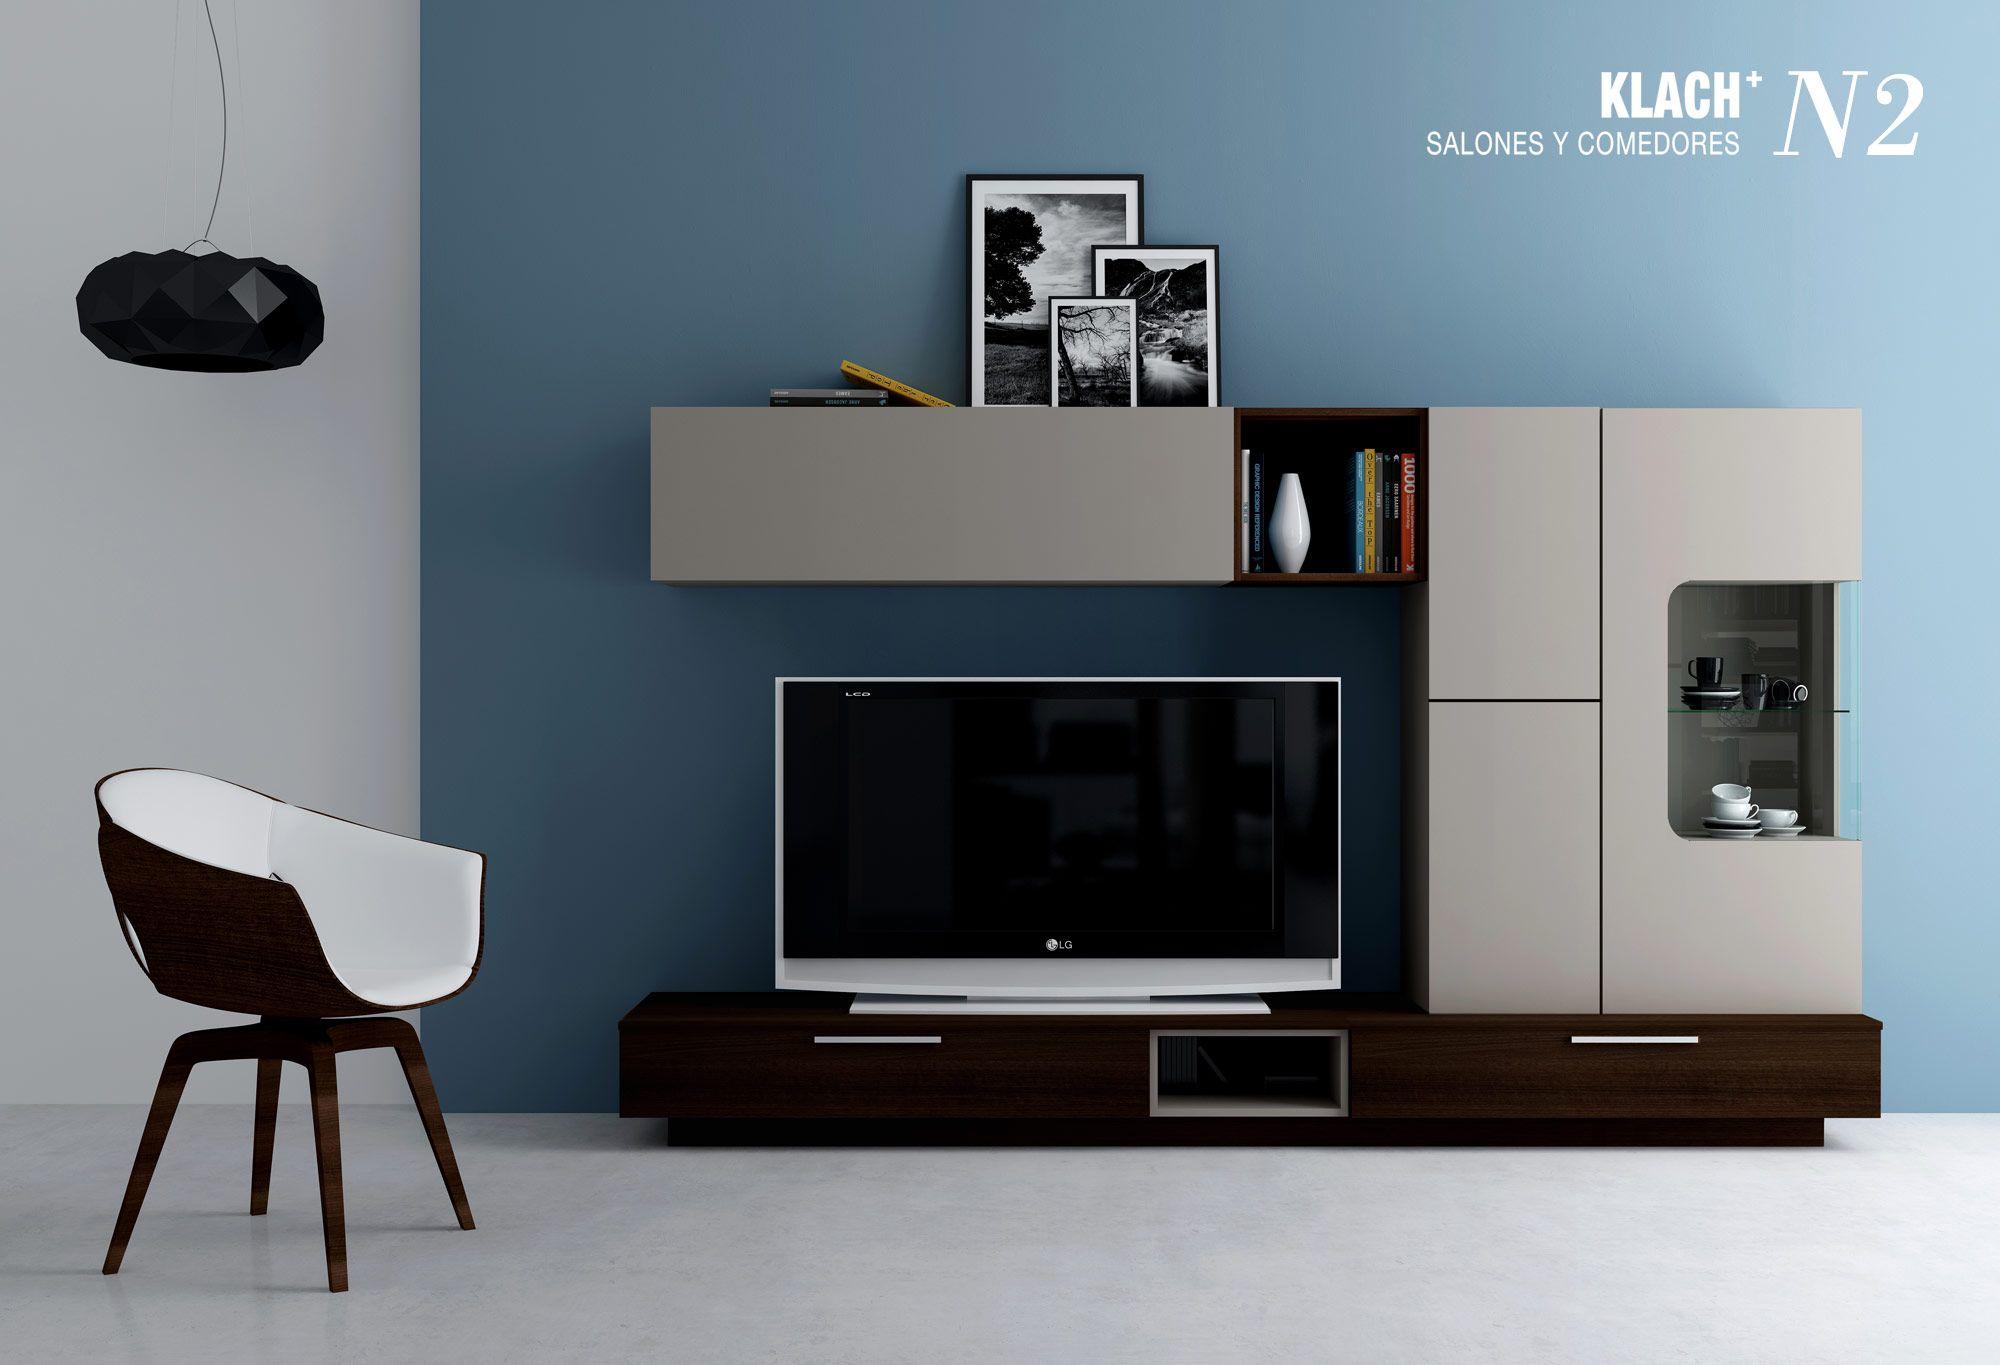 Klach n2 muebles hermida muebles de sal n y comedor klach muebles salon muebles y - Hermida muebles ...